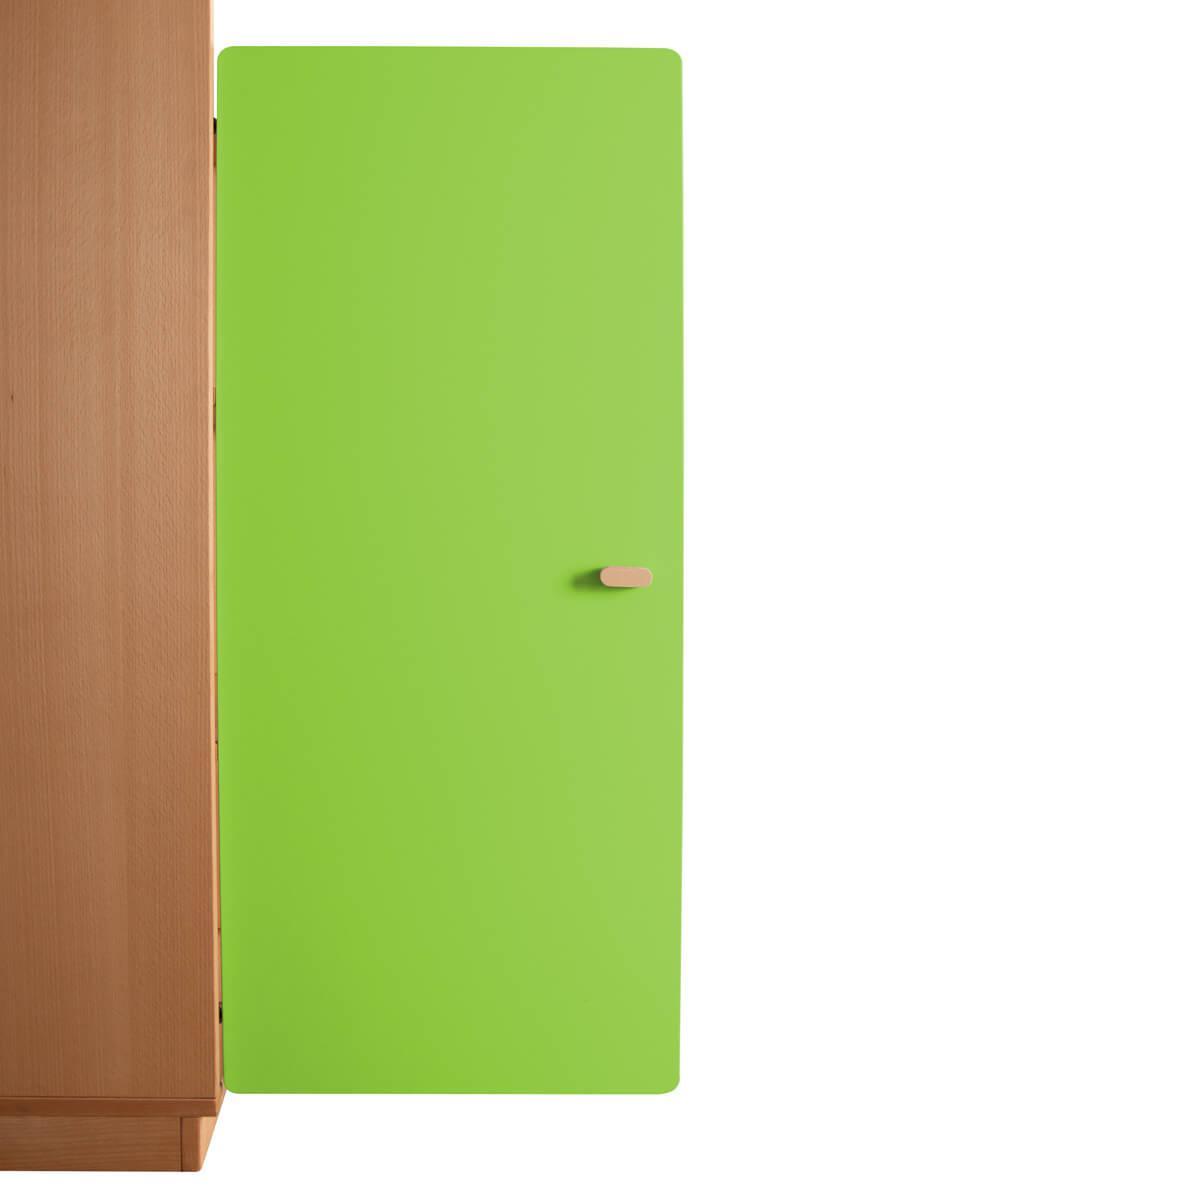 Schranktür 3/5 106cm-Griff DESTYLE de Breuyn MDF lindgrün-lackiert